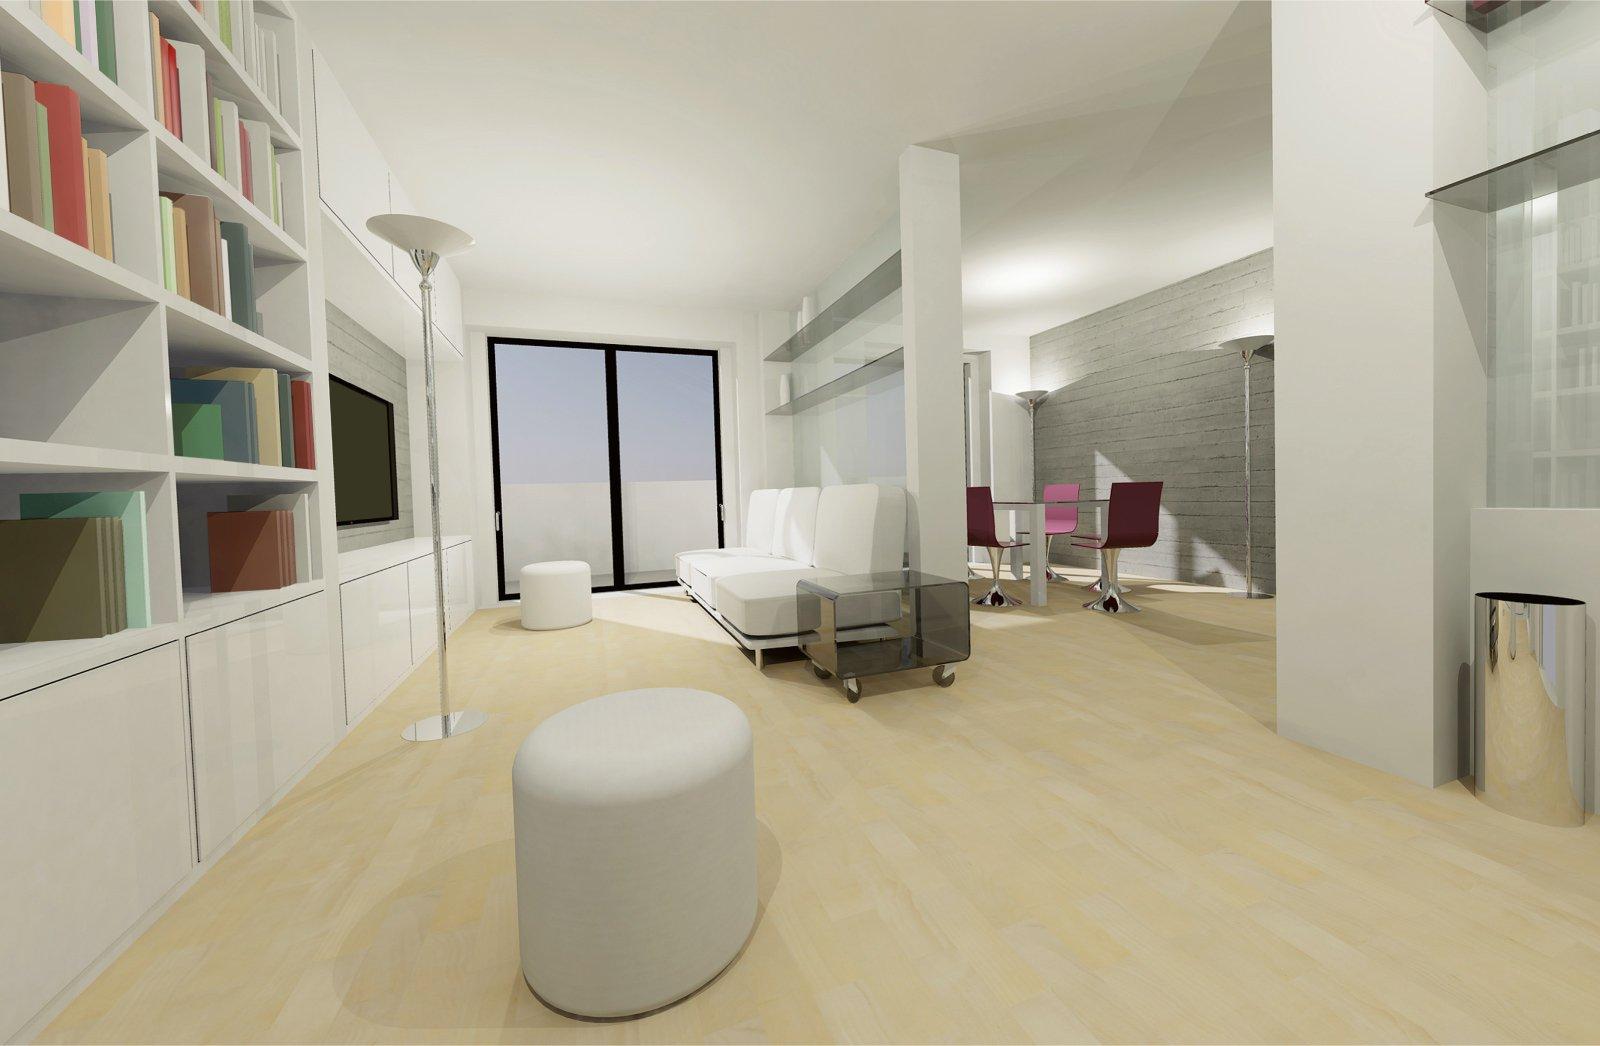 70 mq ma sembrano di pi cose di casa for Piccoli piani cabina con soppalco e veranda